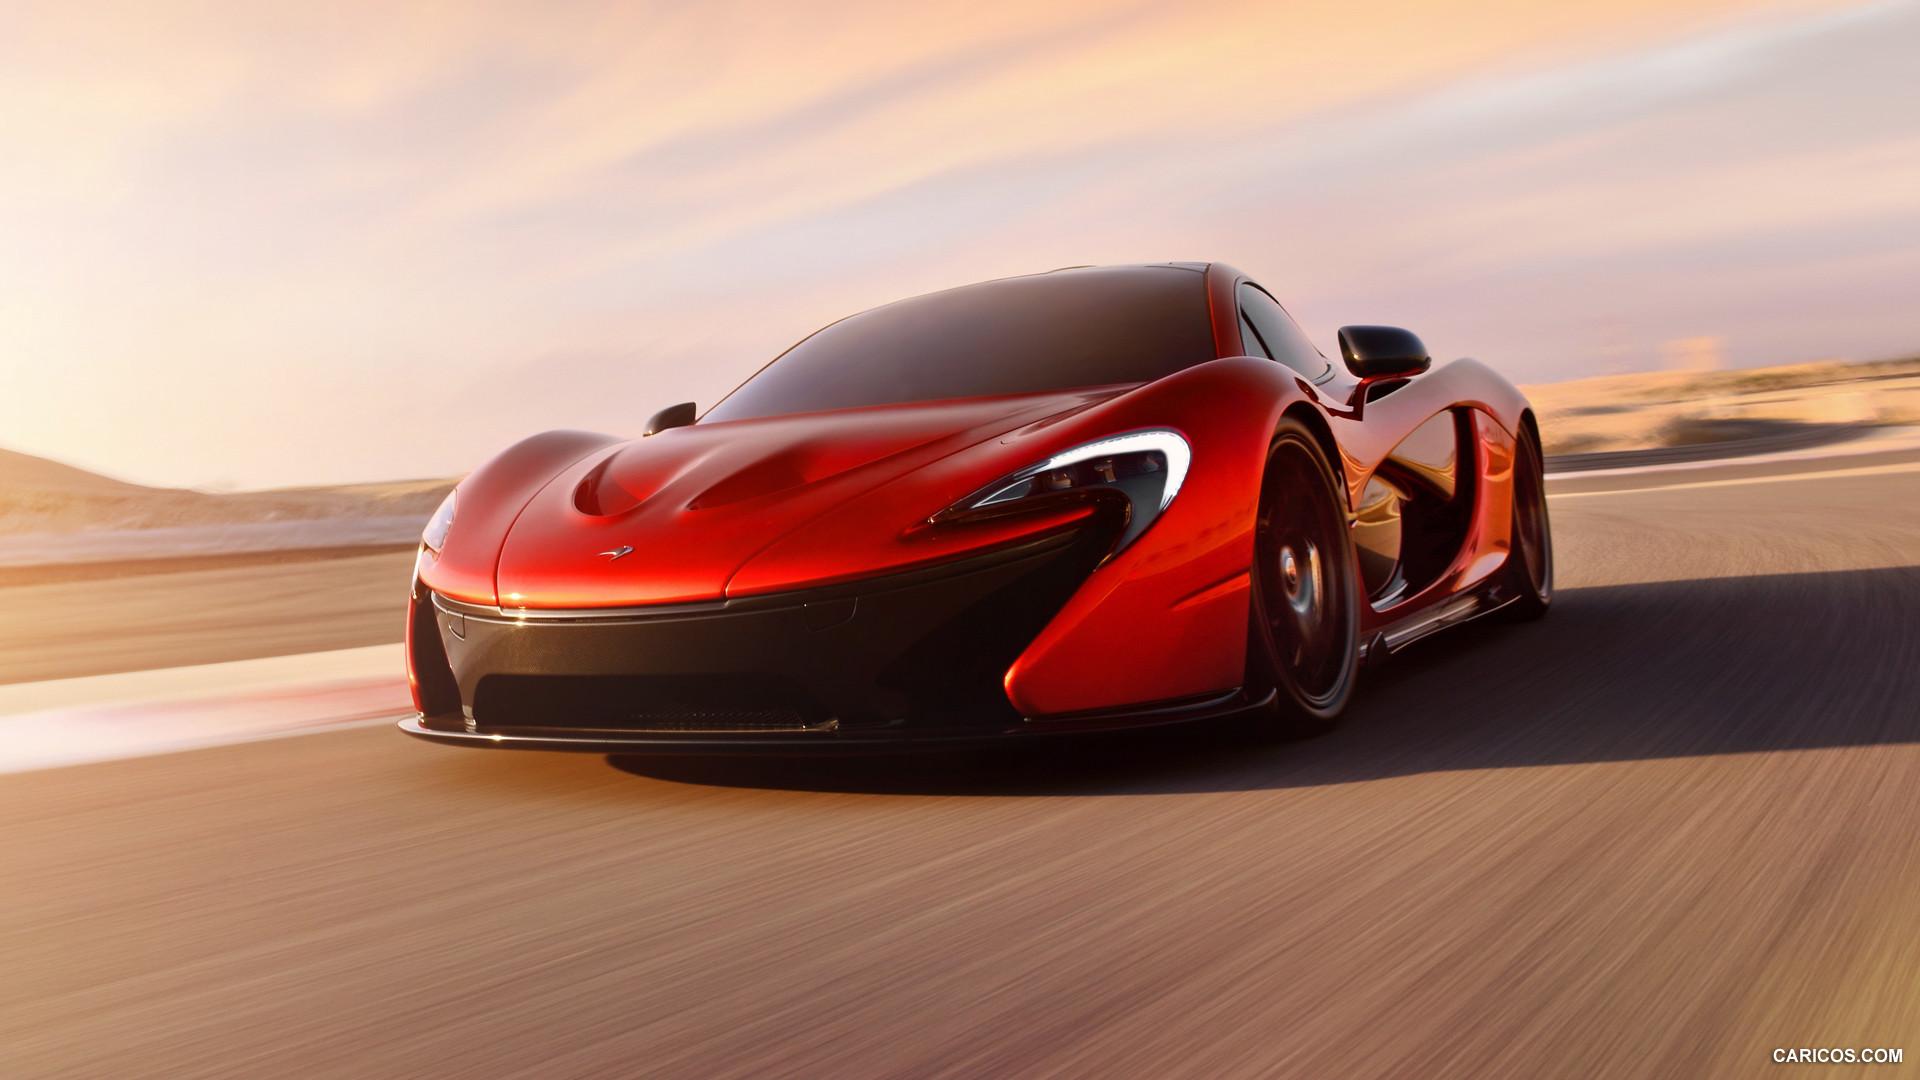 Res: 1920x1080, McLaren P1 Wallpaper